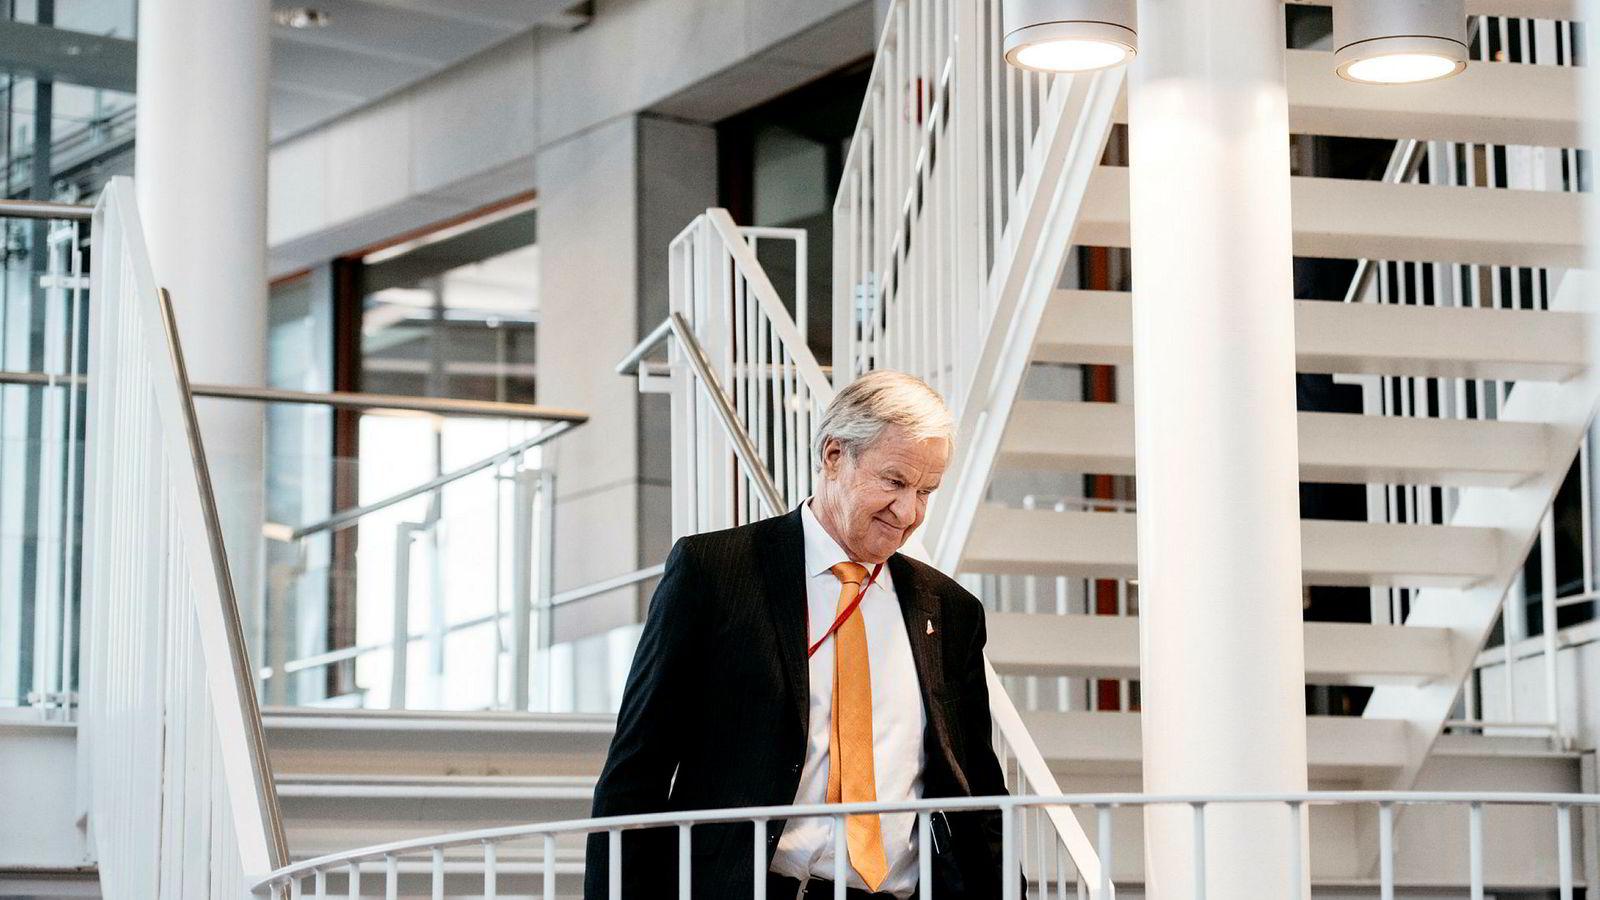 Norwegian-sjef Bjørn Kjos ankom fredag like før klokken 12 en ekstraordinær generalforsamling i Norwegian. Han svarte for første gang på at IAG, eieren til British Airways, har kjøpt seg opp i selskapet.